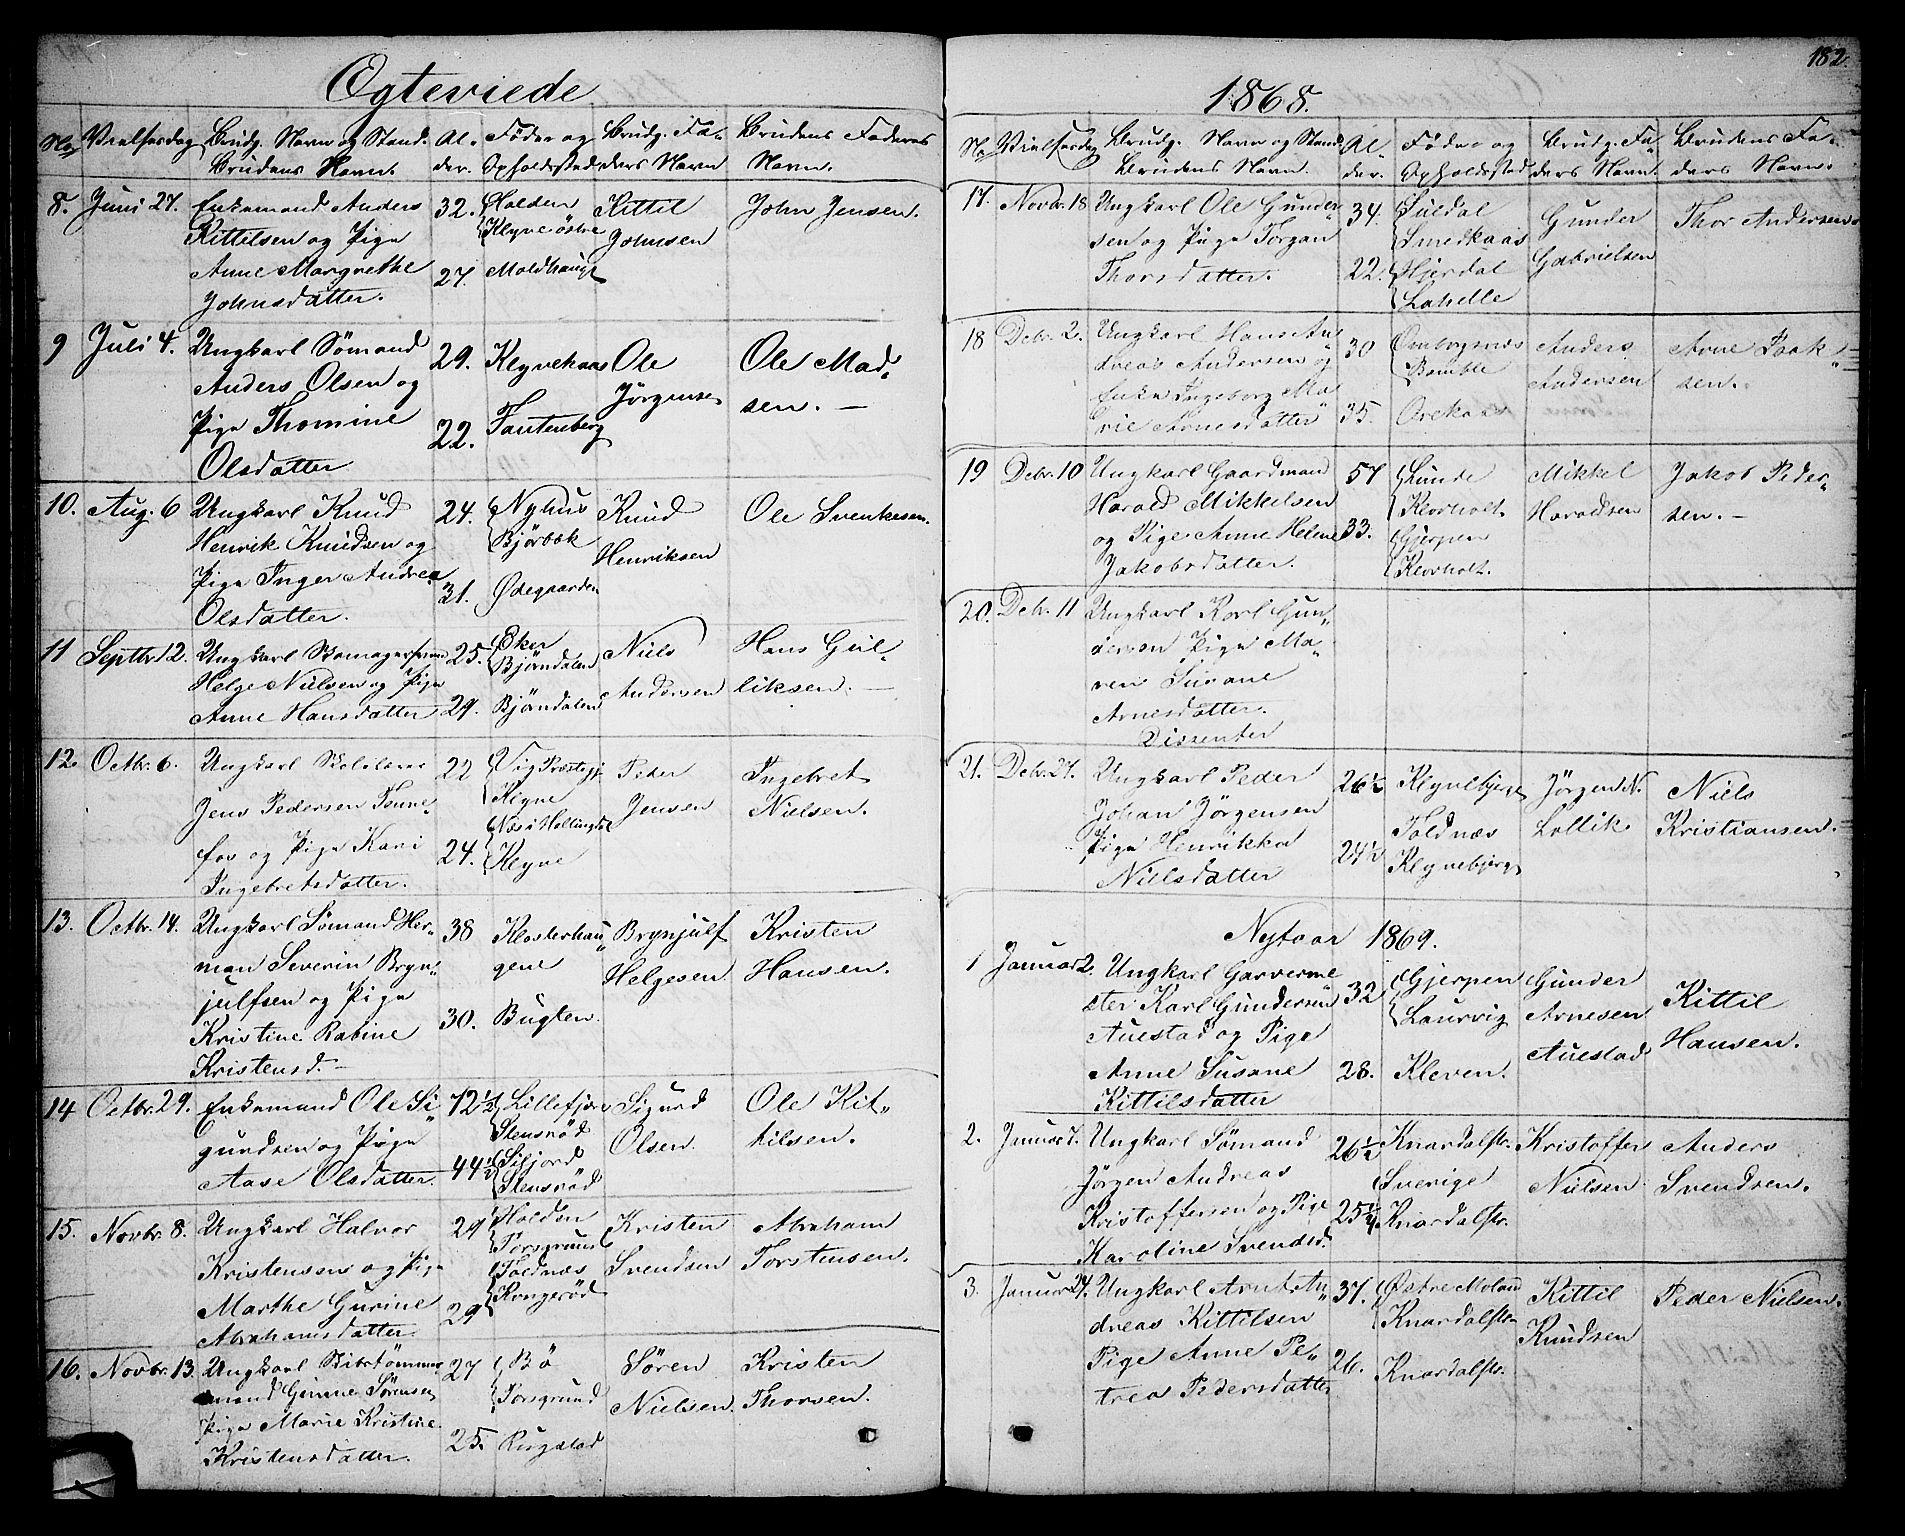 SAKO, Solum kirkebøker, G/Ga/L0004: Klokkerbok nr. I 4, 1859-1876, s. 182